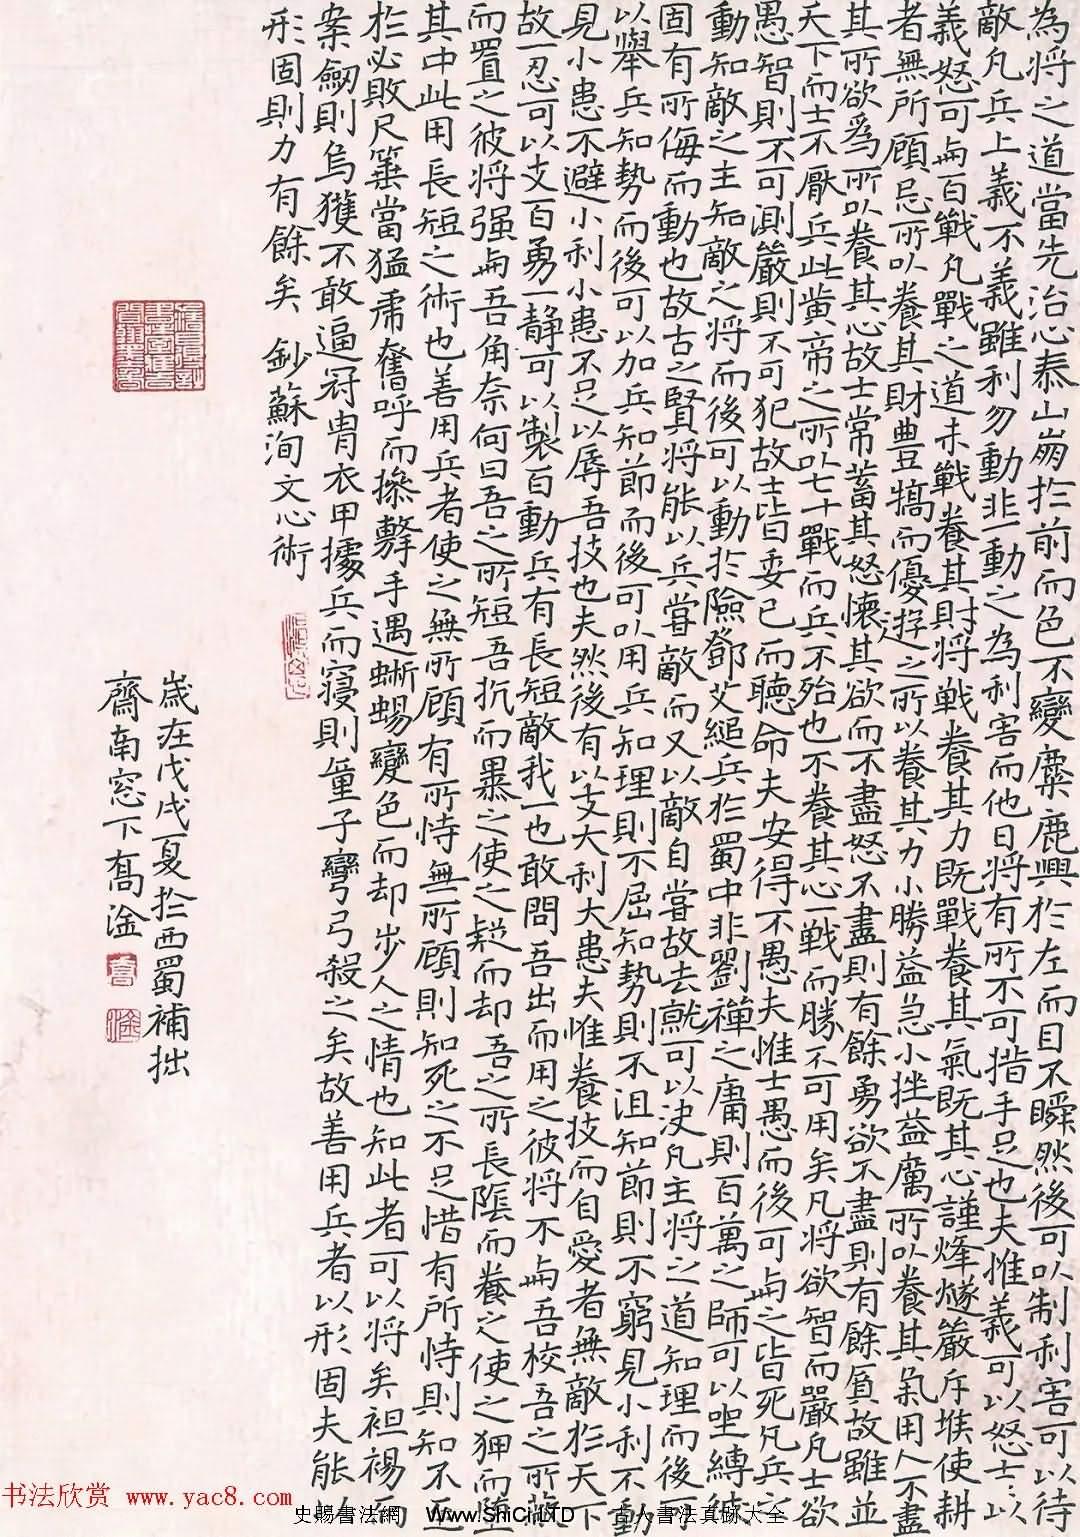 四川省第二屆硬筆書法大賽獲獎作品真跡(共15張圖片)